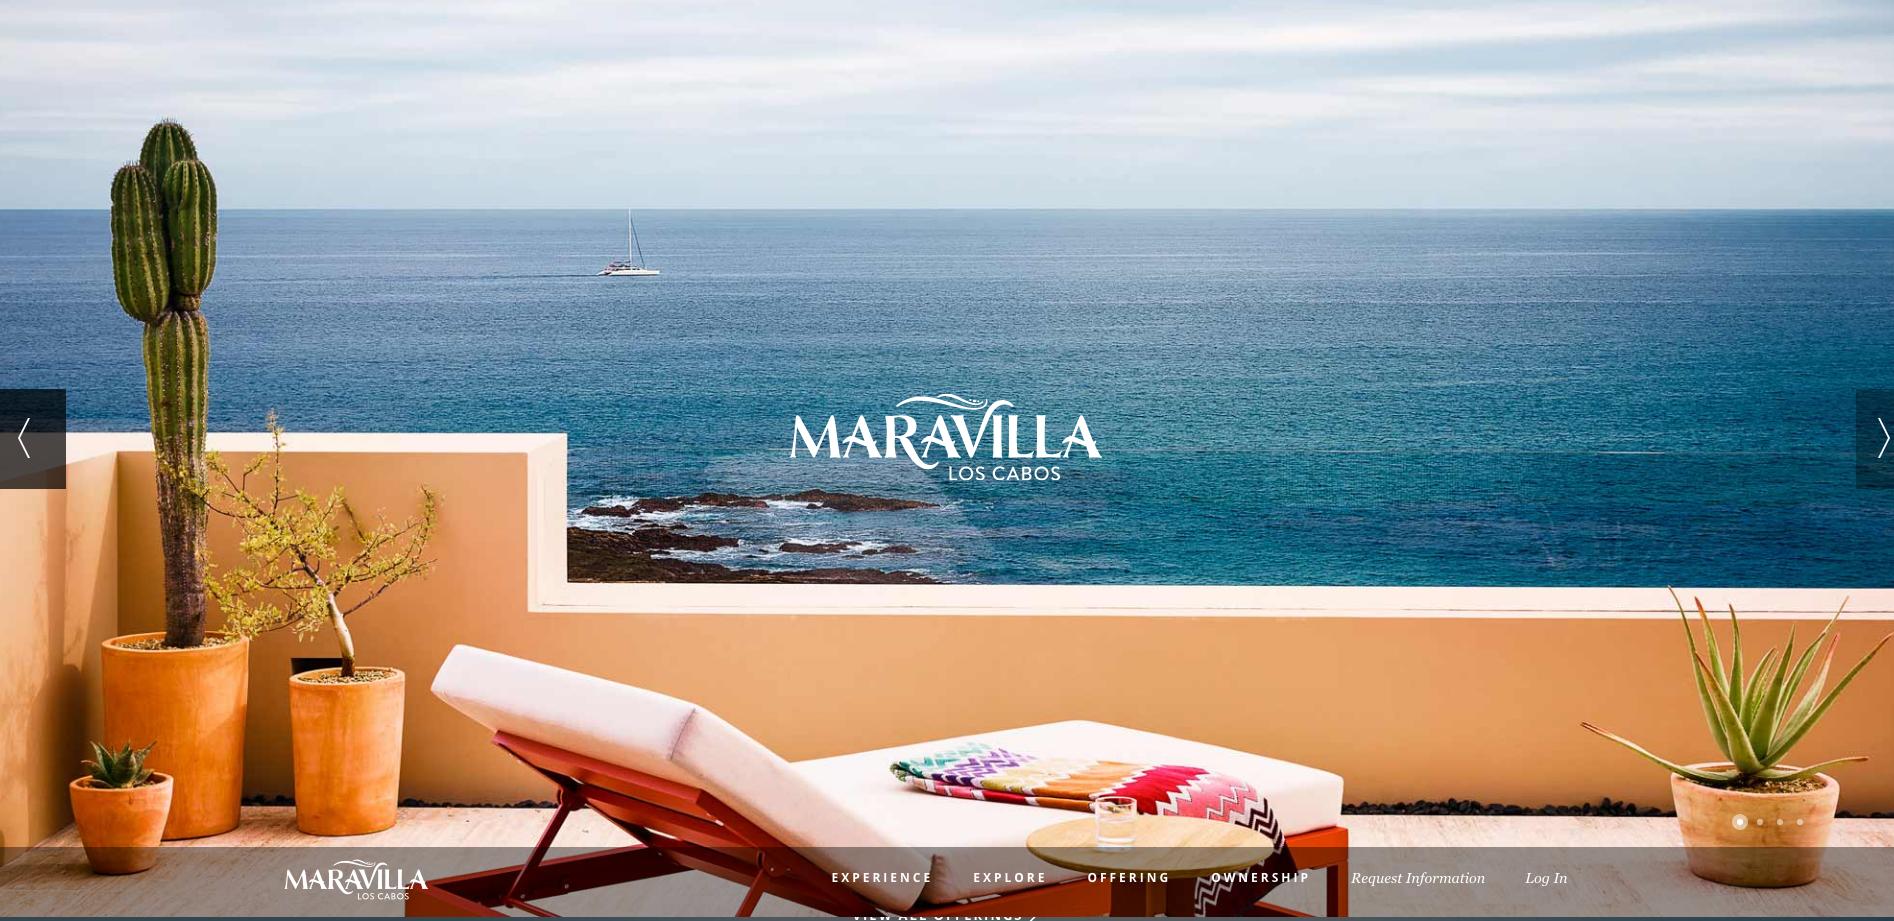 Maravilla Los Cabos image